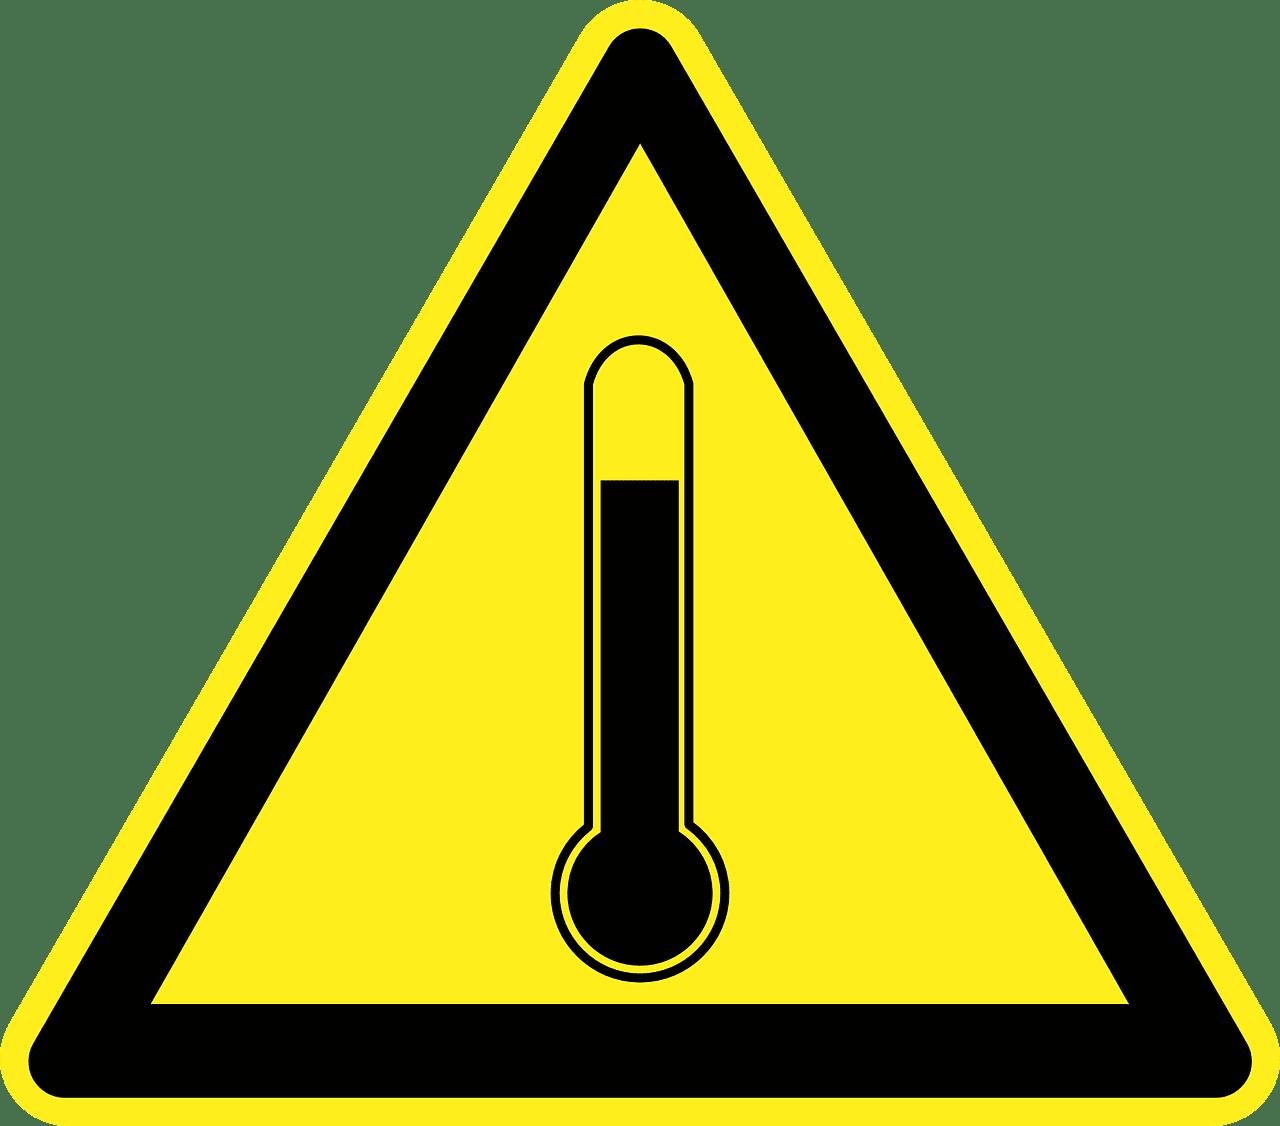 alta-temperatura-señal-peligro